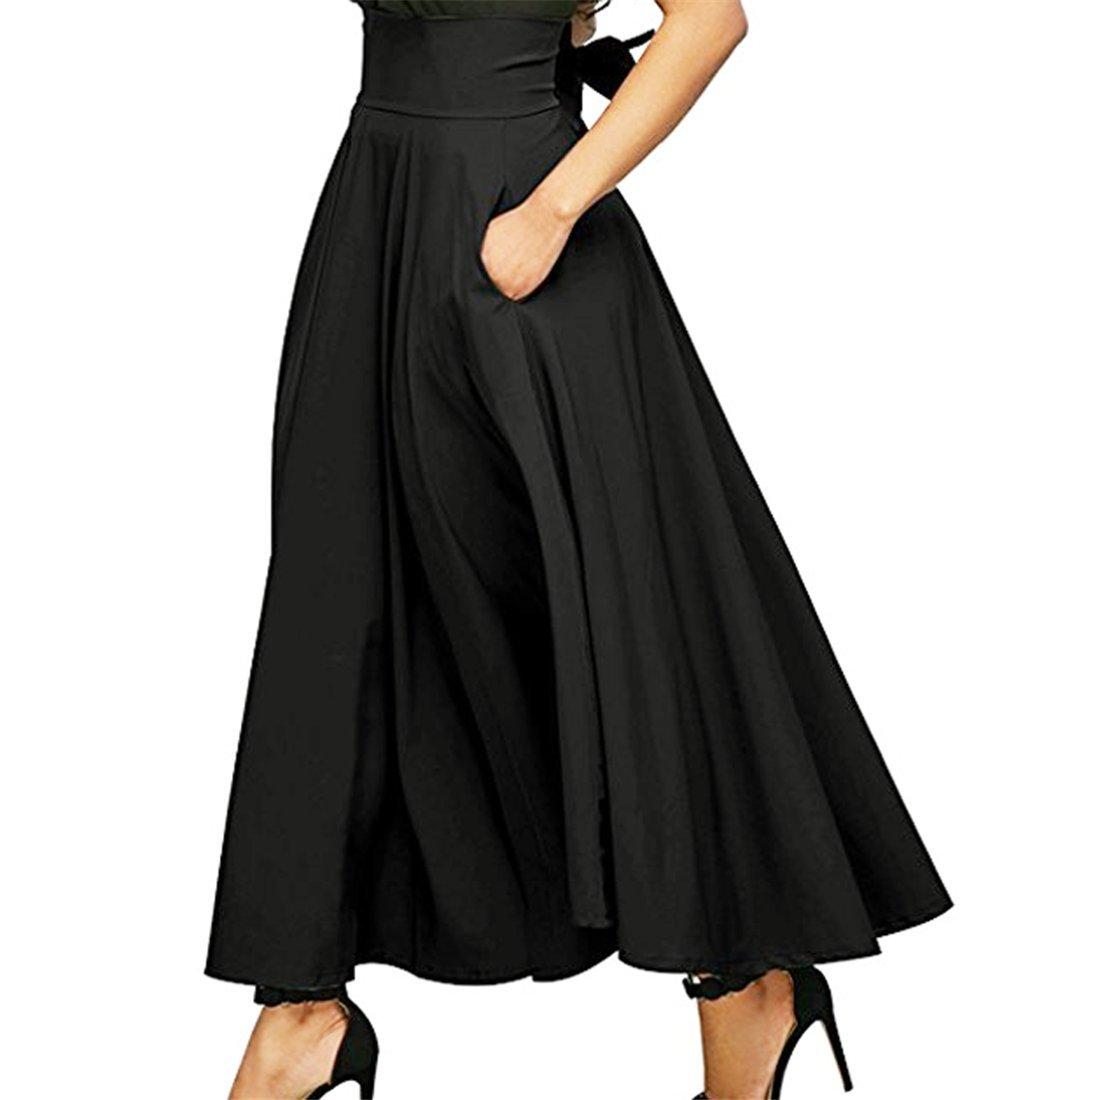 Hemlock Long Skirt Dress High Waist Office Lady Skirts A Line Maxi Skirt Dress (L, Black)